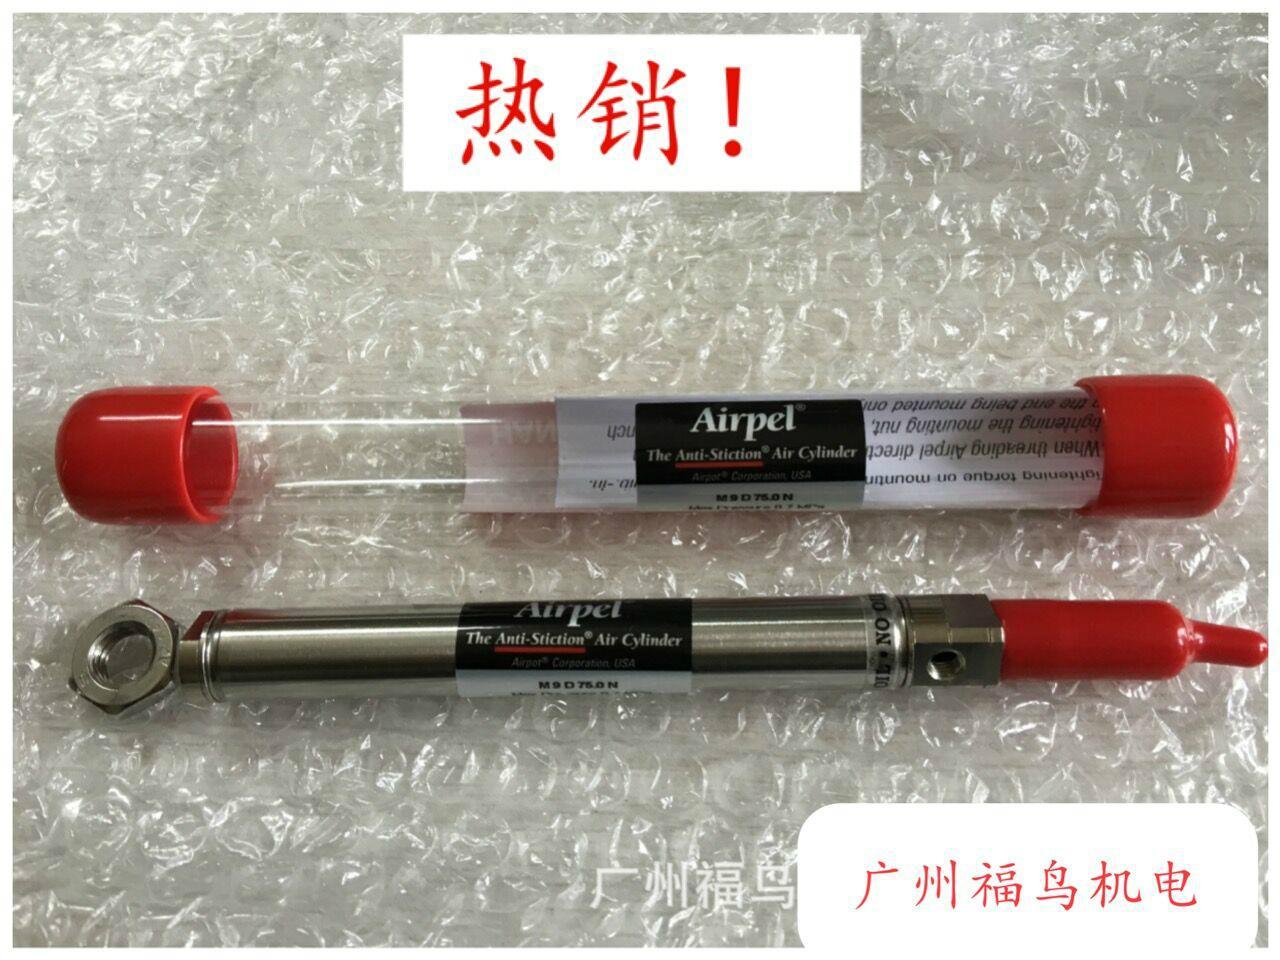 AIRPEL玻璃气缸, 型号: M9D75.0N